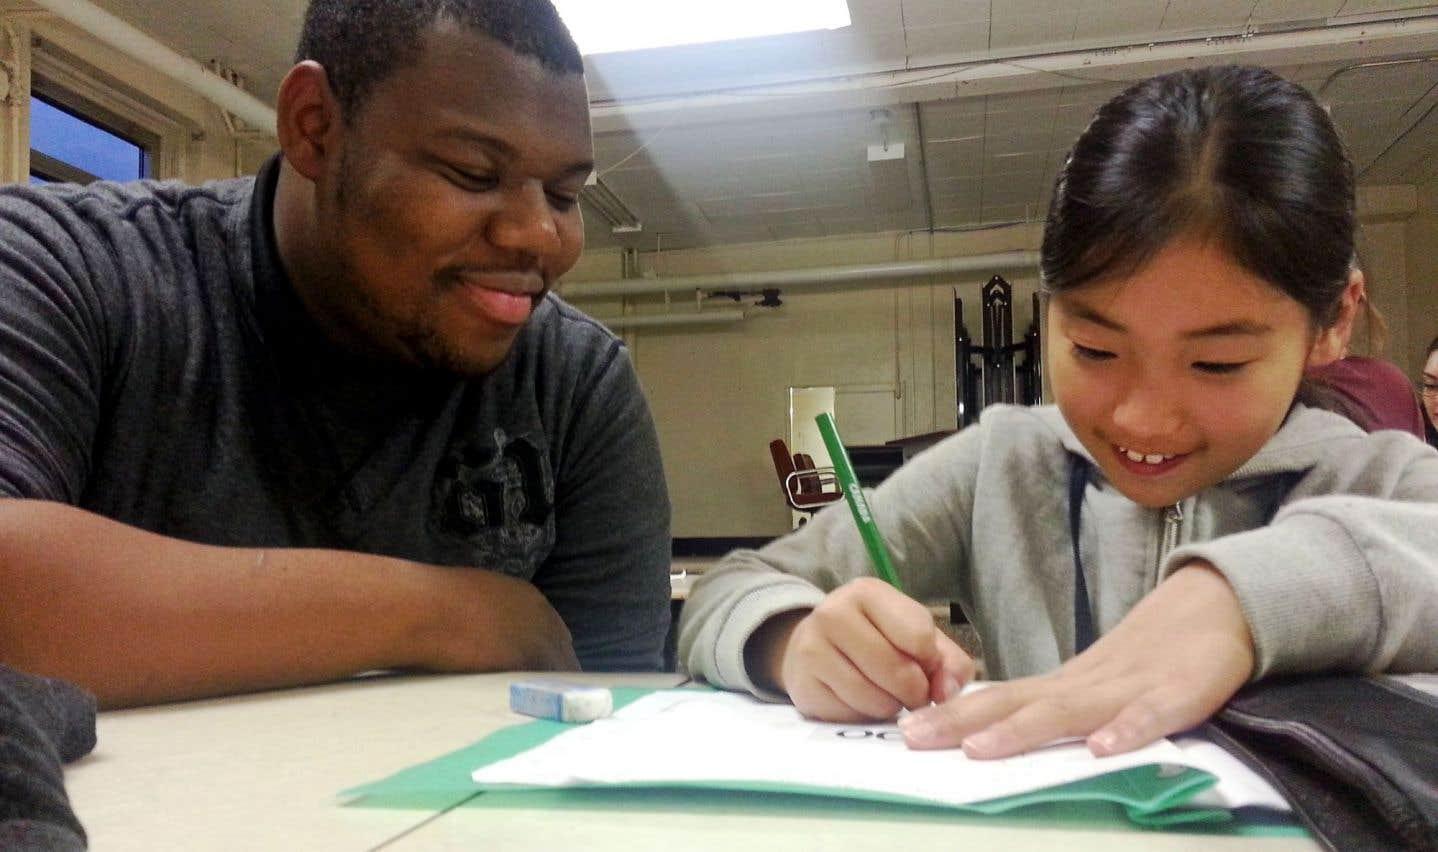 Collège Frontière: changer le monde, un mot à la fois